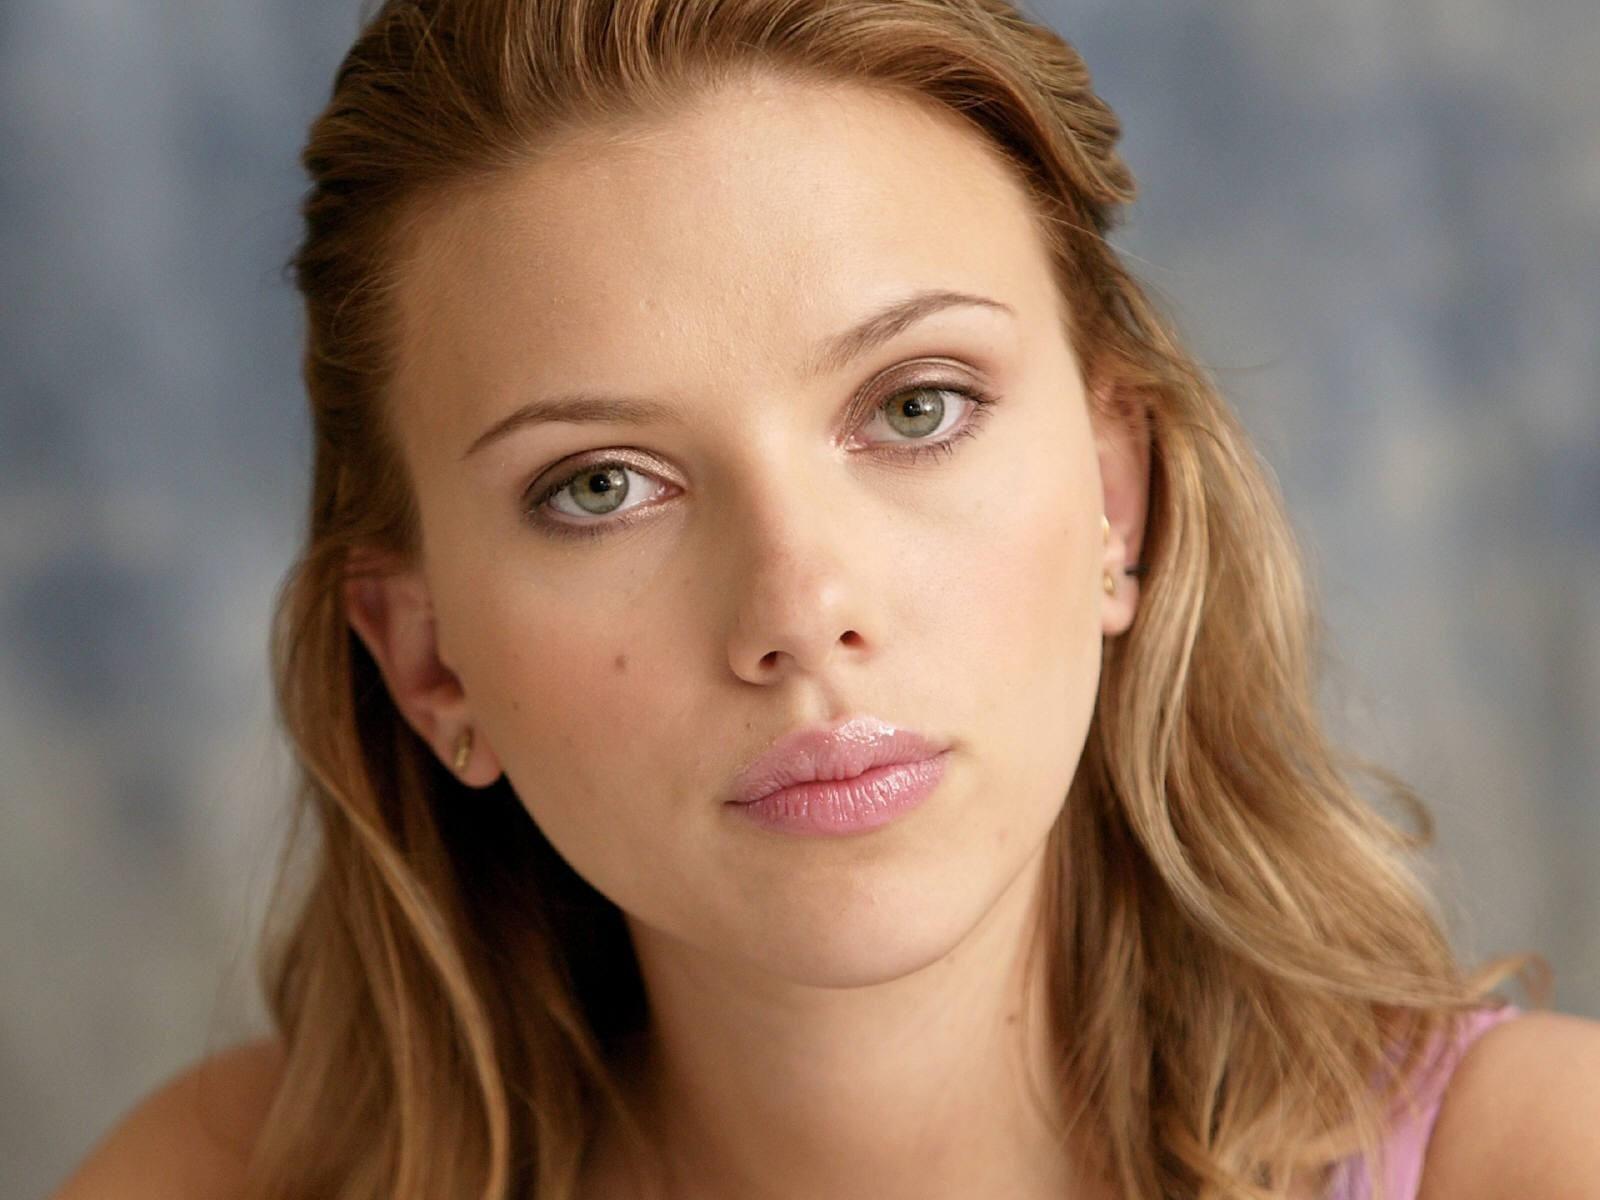 scarlett johansson yüz görüntüsü Scarlett johansson